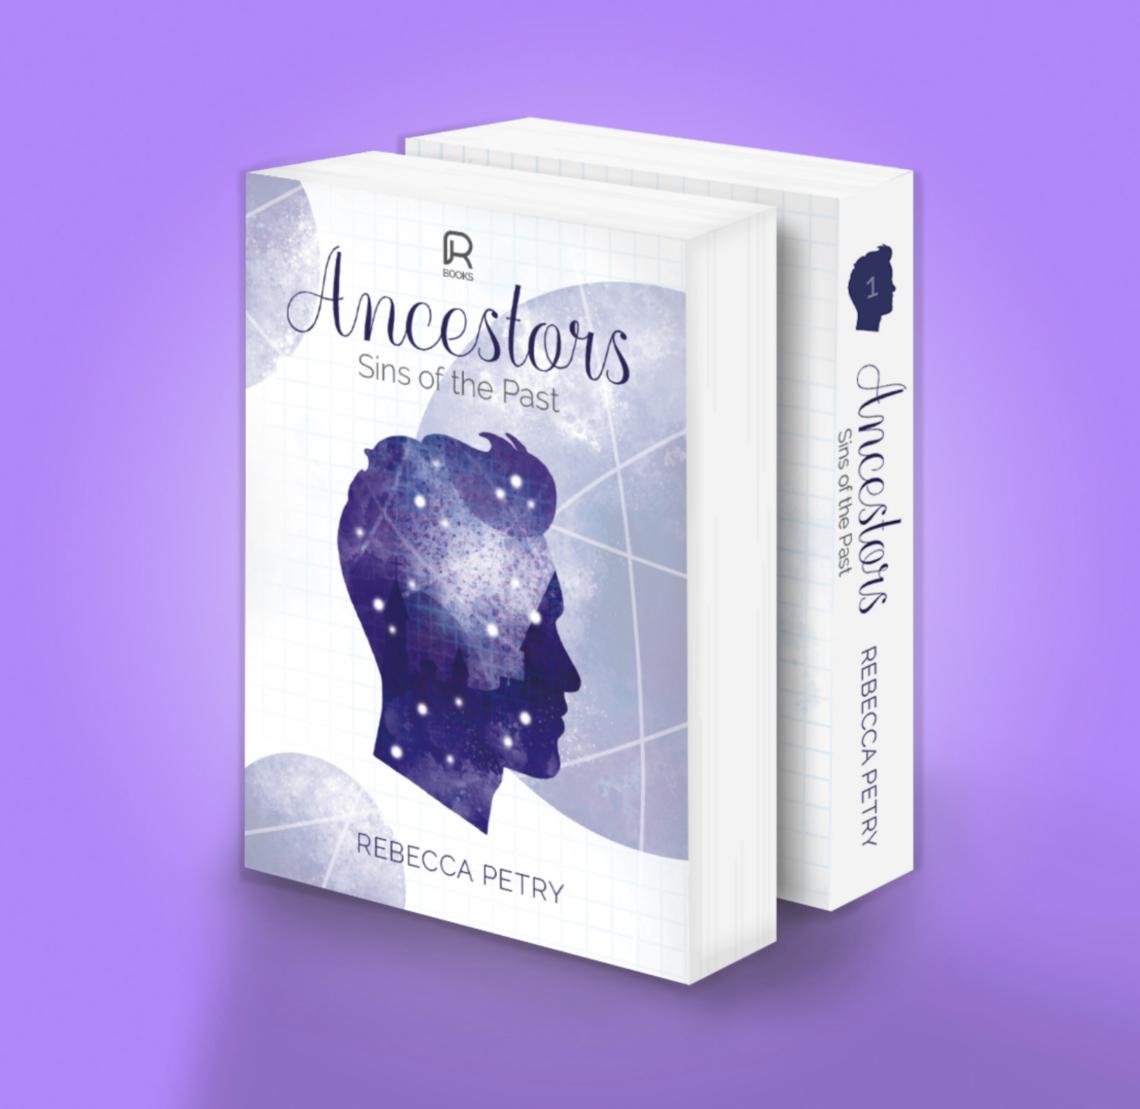 Ansicht der Vorderseite und des Buchrückens des ersten Buches der Ancestors-Trilogie in den Farben Blau und Violett